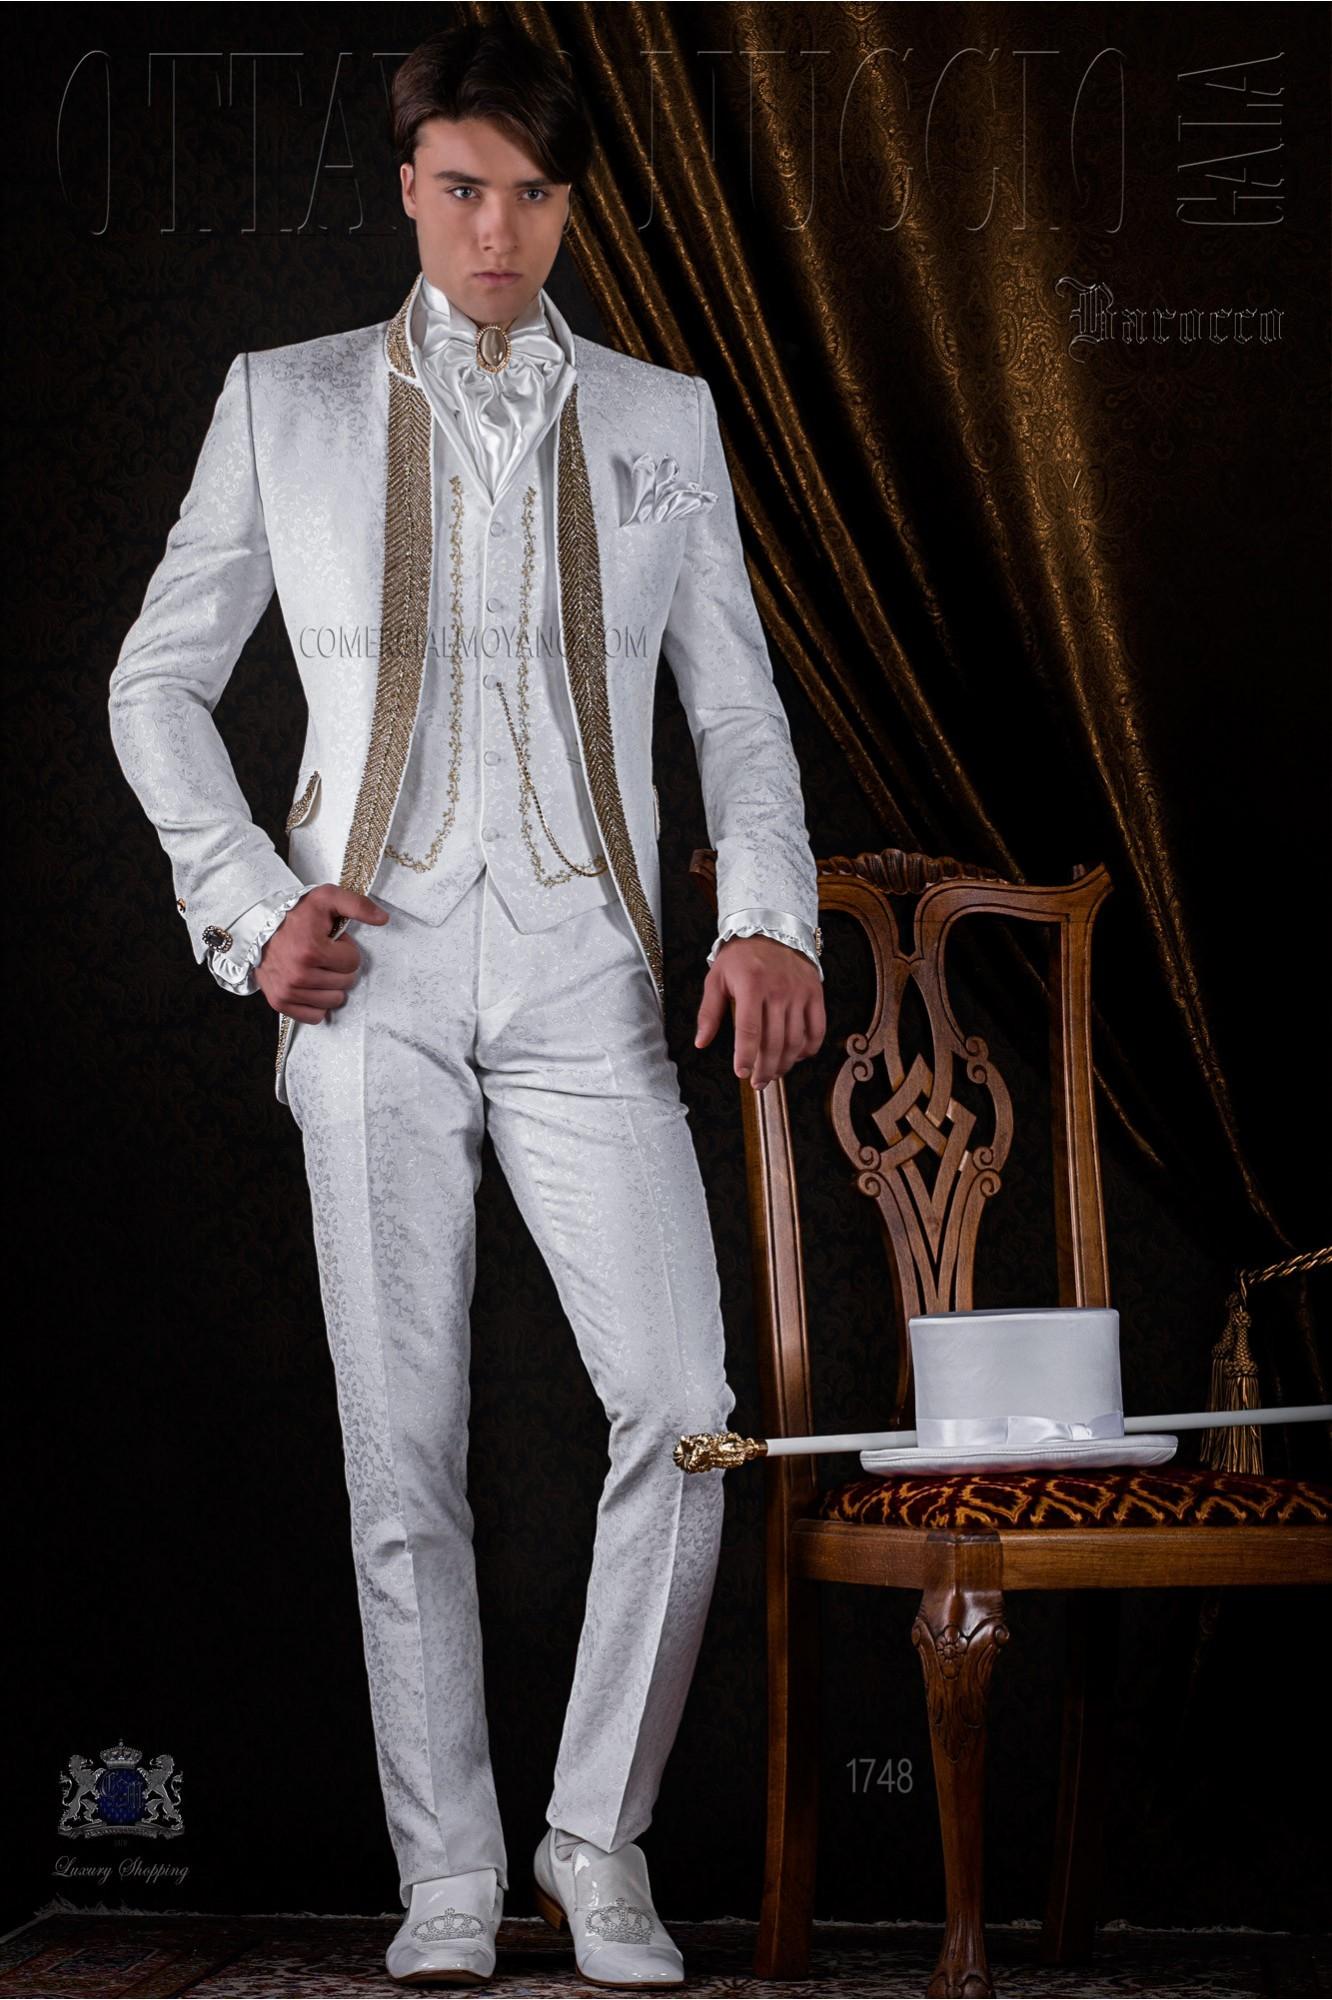 Traje de época brocado blanco con pedrería dorada modelo: 1748 Ottavio Nuccio Gala colección 2017 Barroco